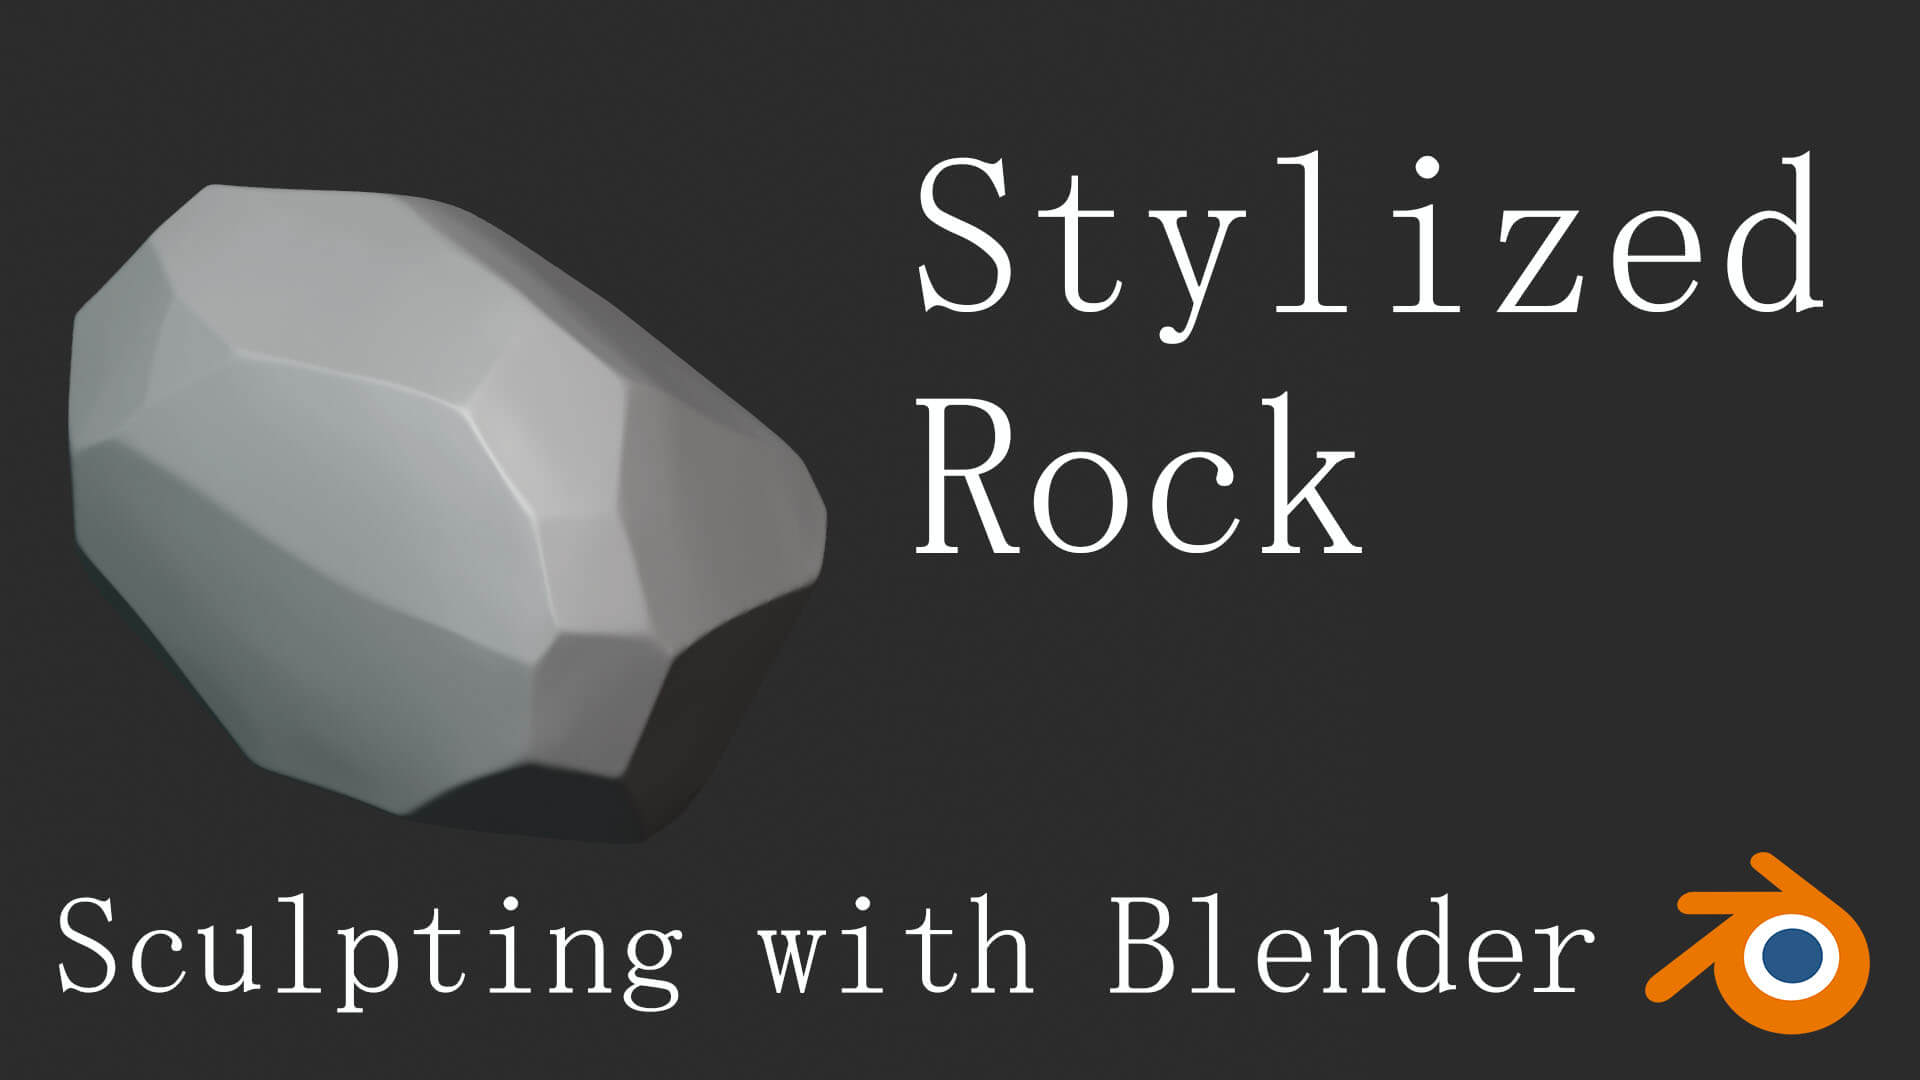 無料で使えるBlenderとQuixel、UE4を使ったアセット構築【スカルプト編】